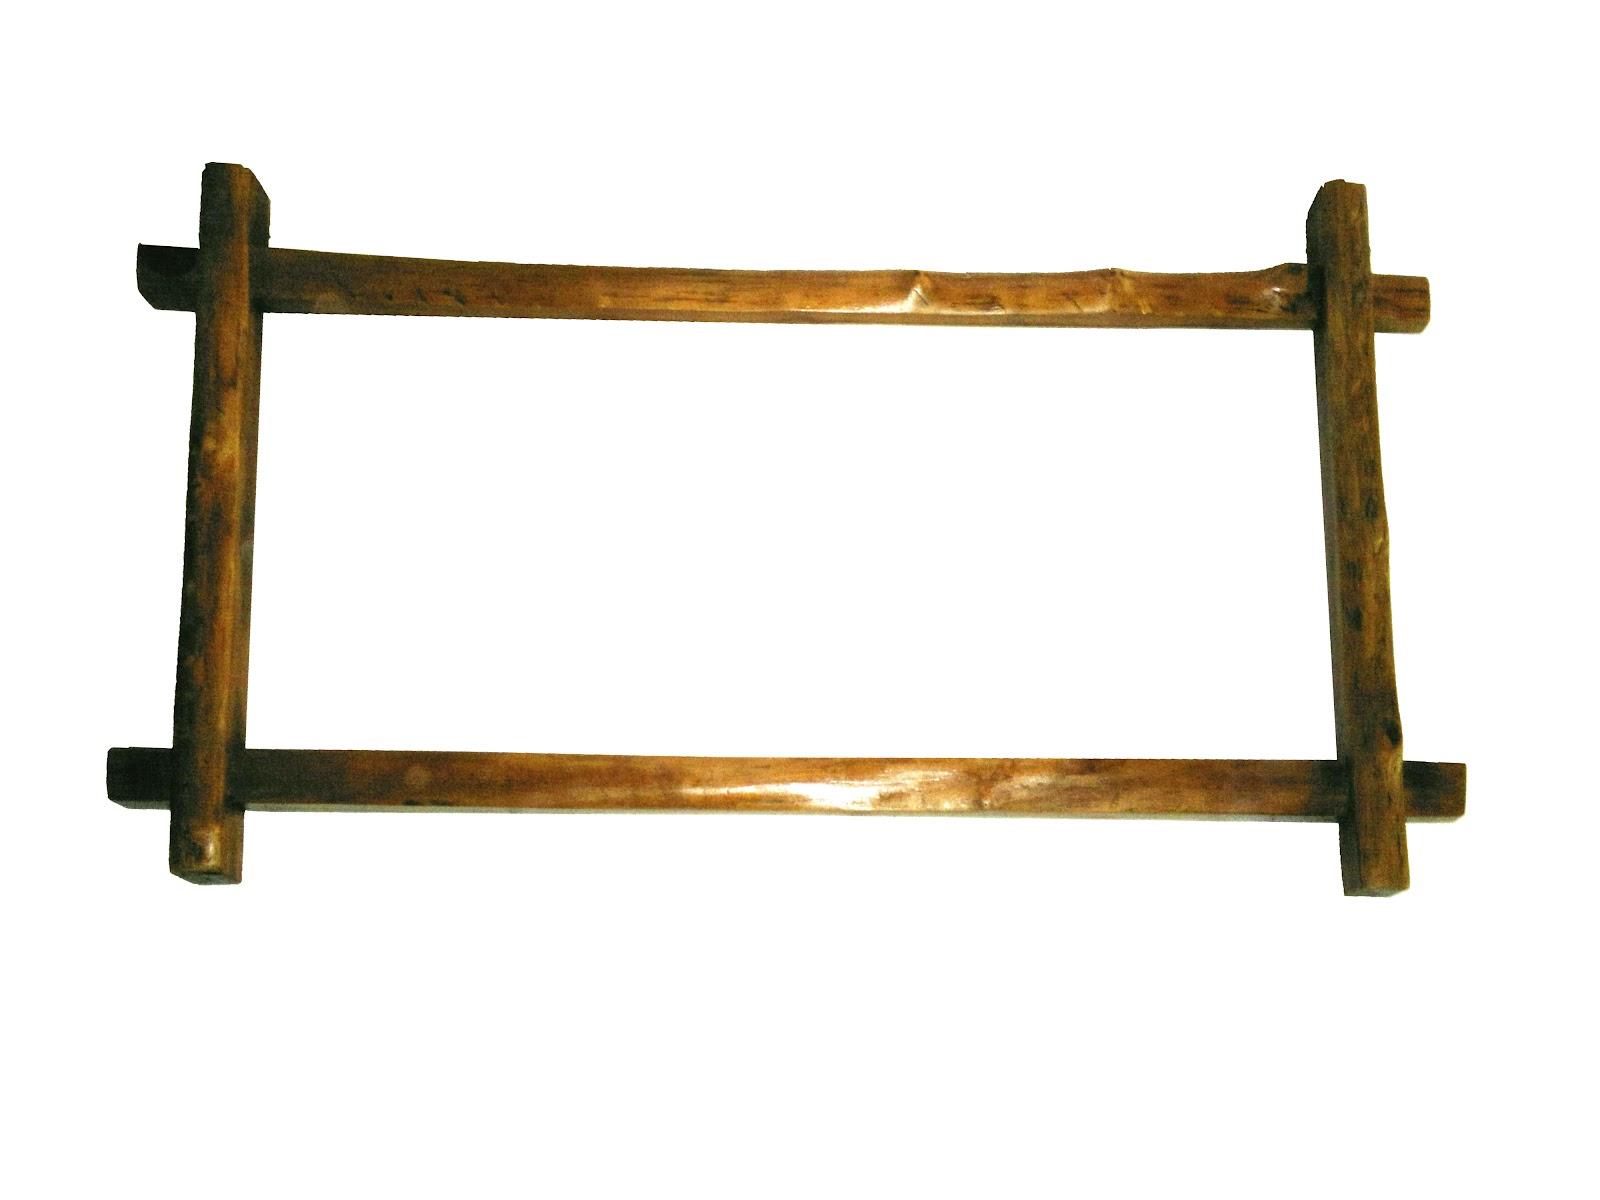 #694616 de Móveis São Carlos: Aparador e Moldura de Espelho em madeira  1600x1200 px aparador e espelho de madeira @ bernauer.info Móveis Antigos Novos E Usados Online